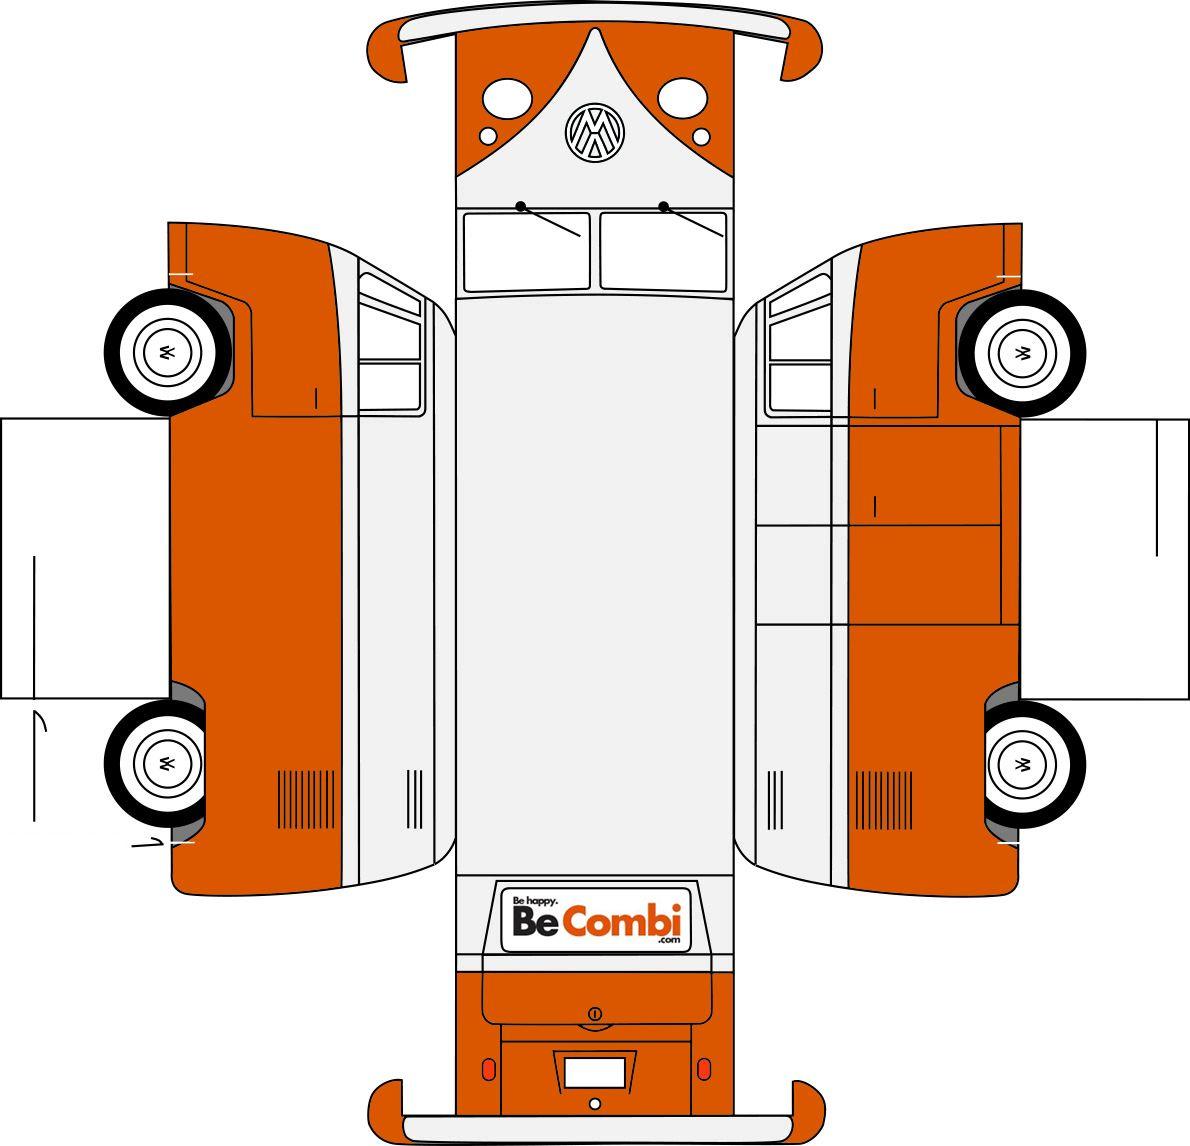 бумажные модели - транспорт